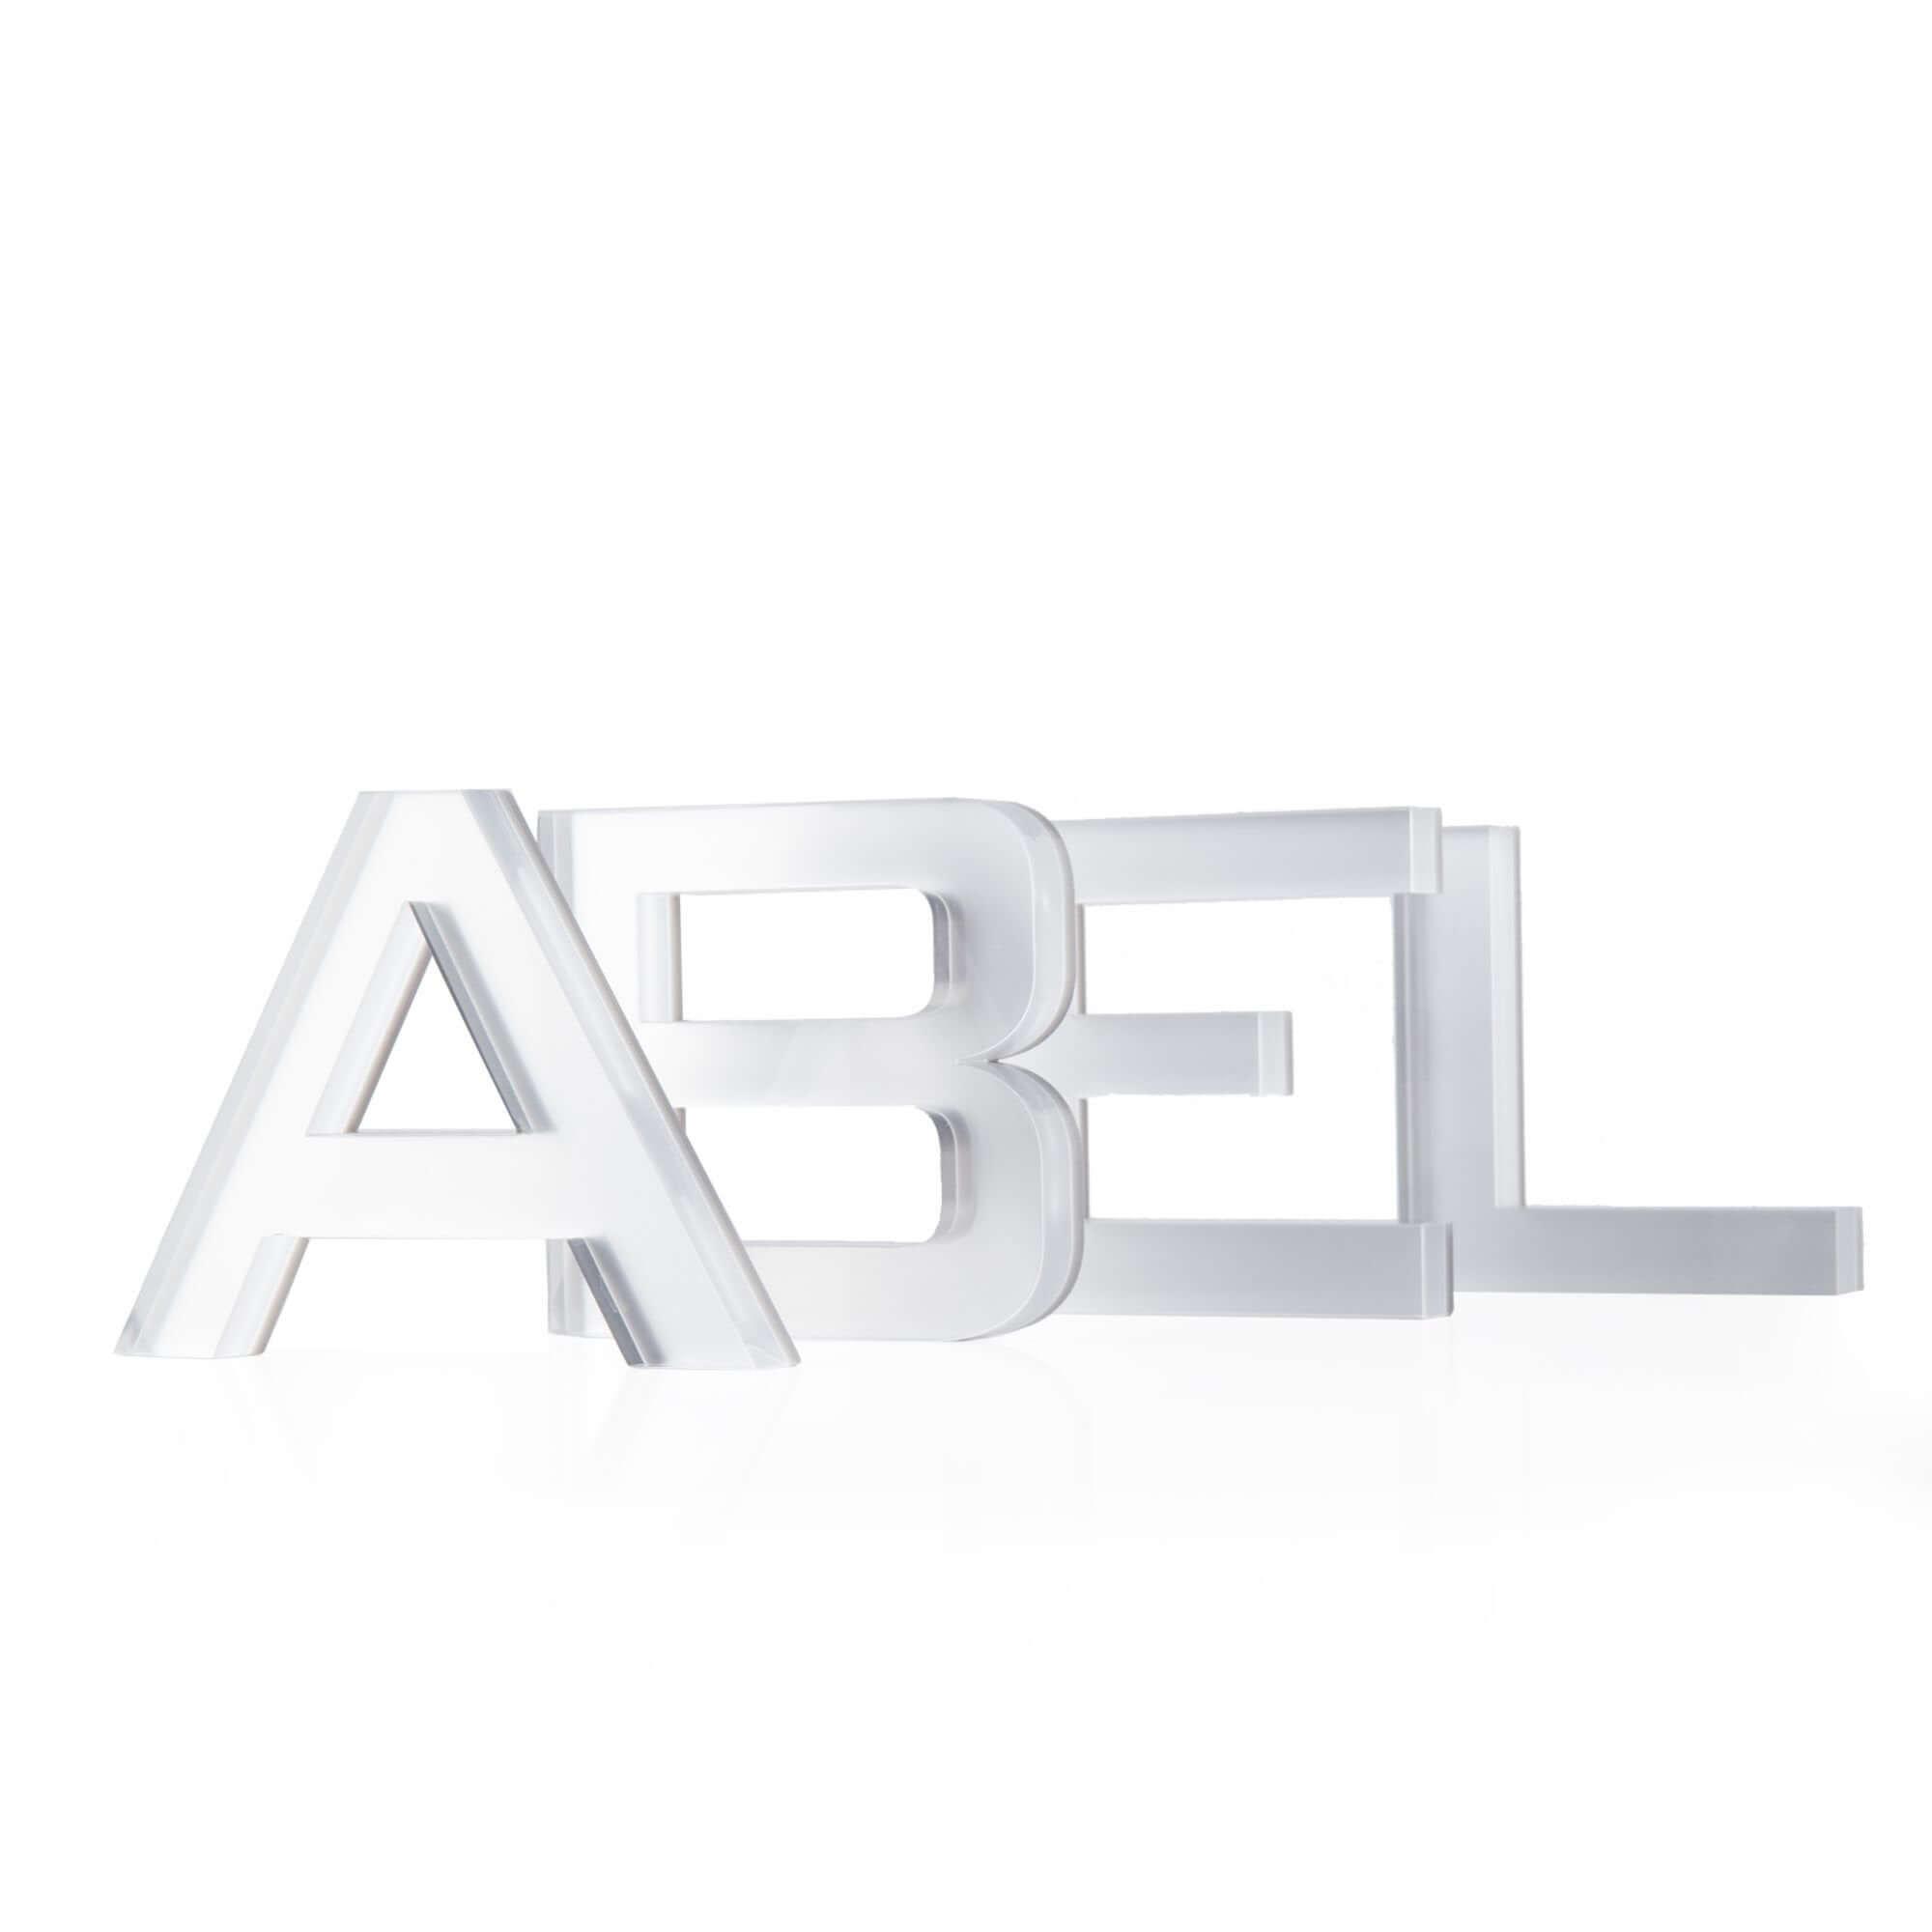 Acryline Buchstaben aus Acrylglas, Lasergeschnitten deko schrift schriften werbung laser acryl kunststoff